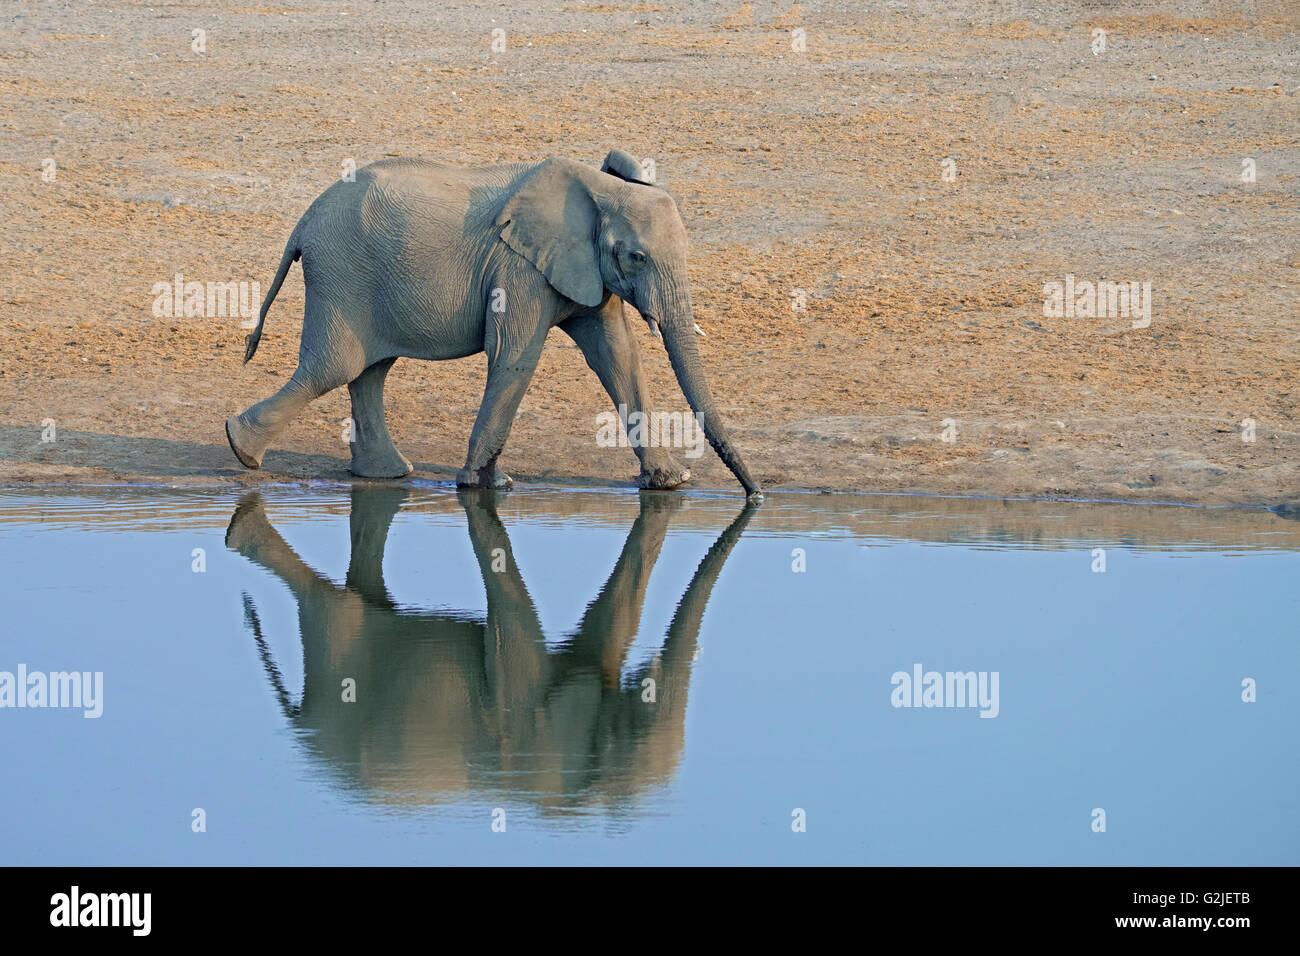 Elefante africano (Loxodonta africana) famiglia proveniente da un waterhole a bere, il Parco Nazionale di Etosha, Immagini Stock